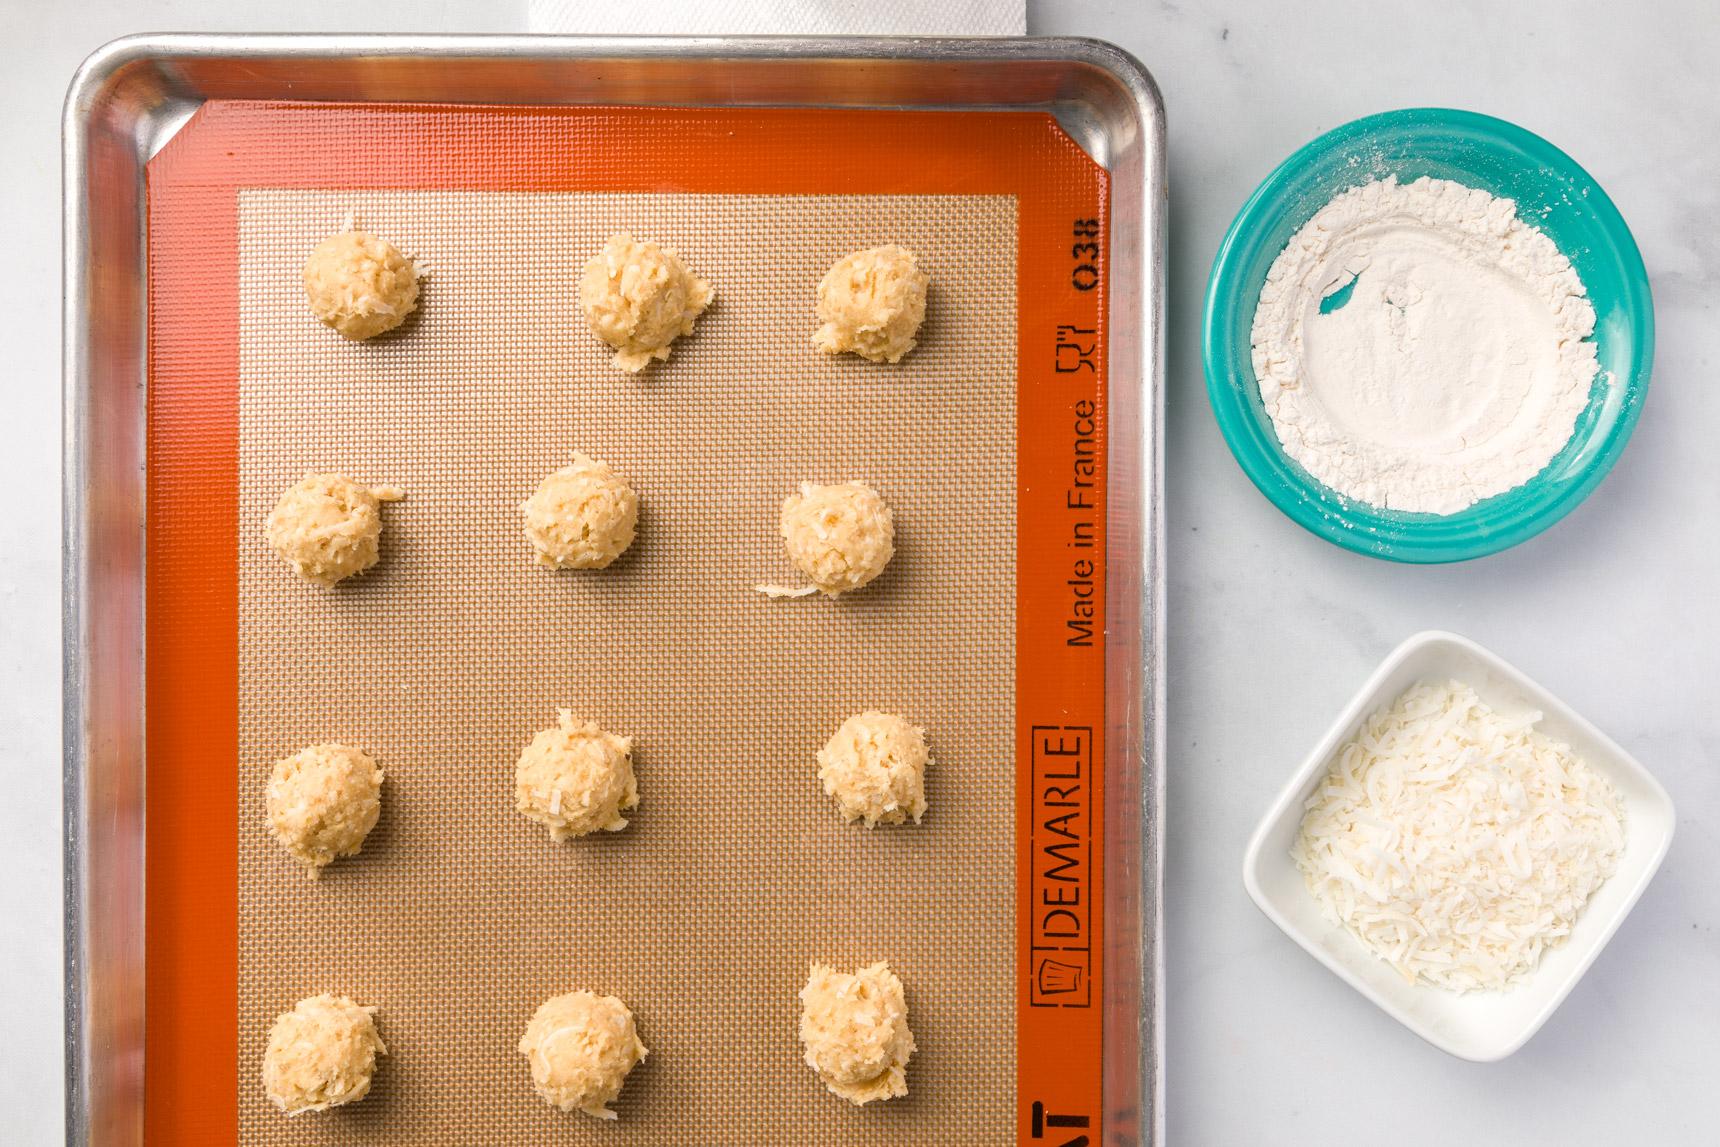 Cookie dough, flour, coconut